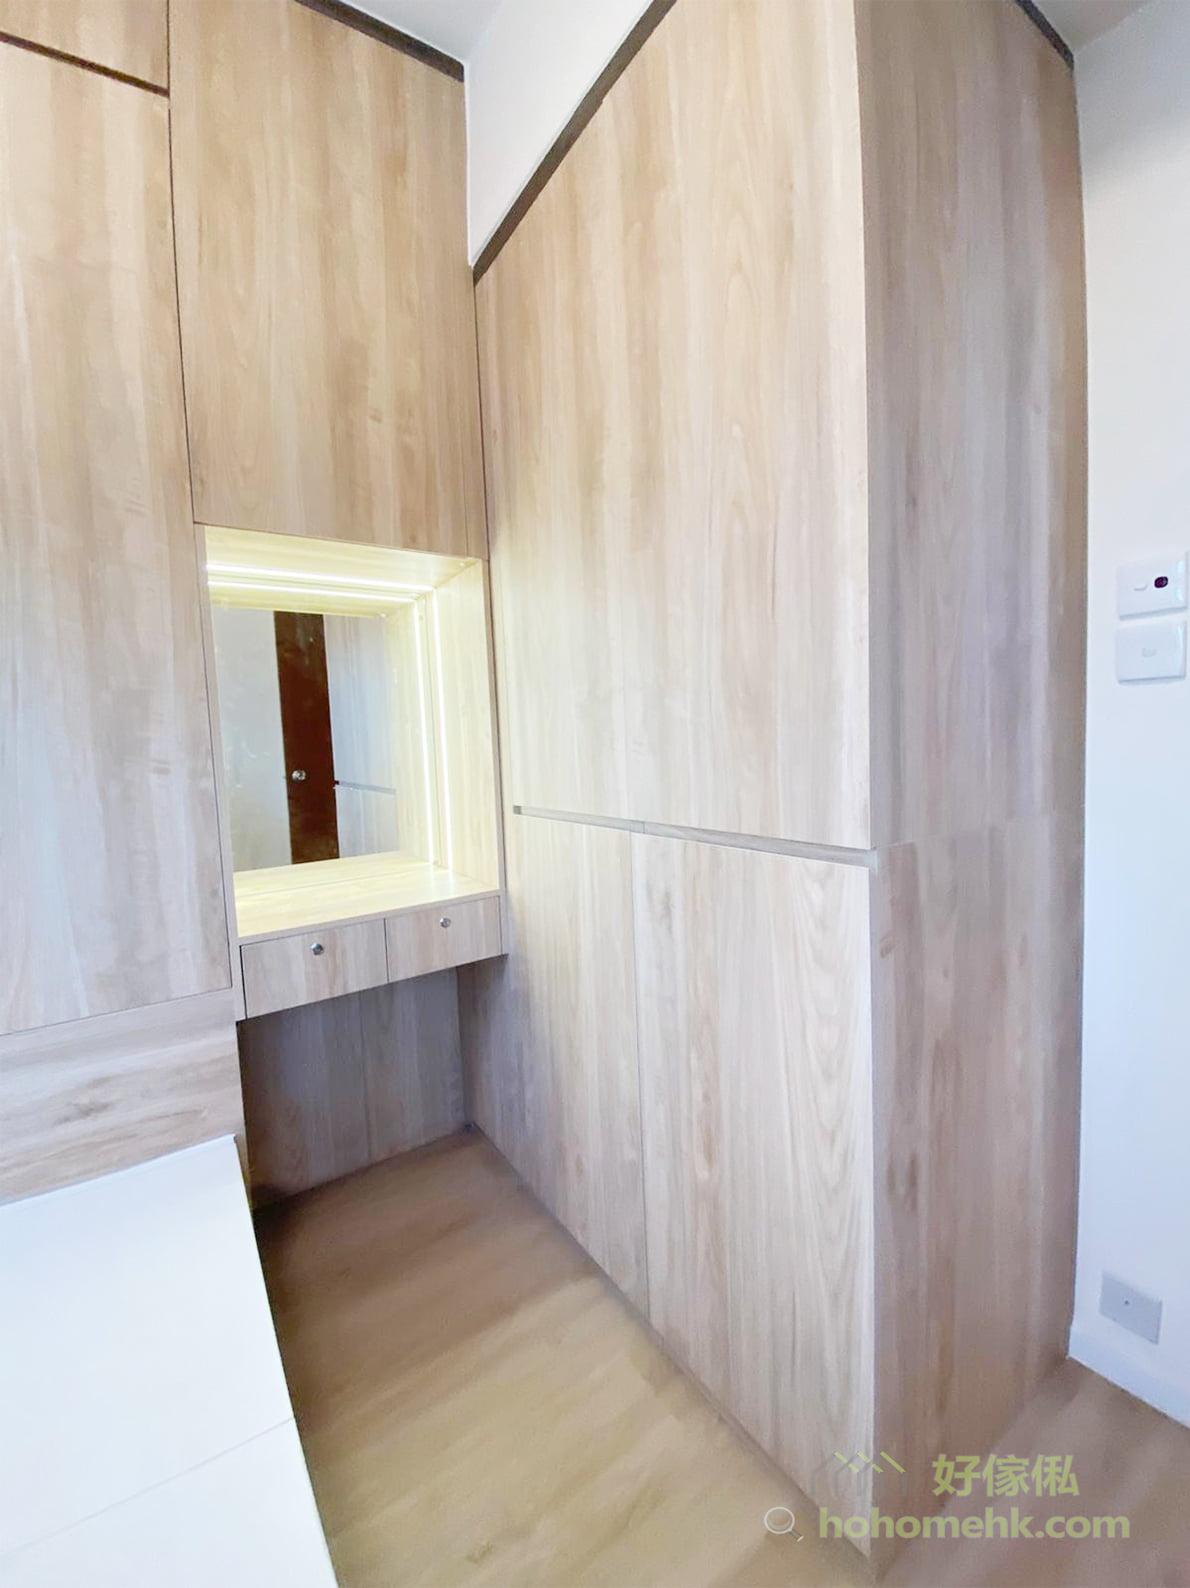 可以在鏡子邊裝上燈帶,令到即使是嵌入式設計也不會很暗,適合裝扮時使用